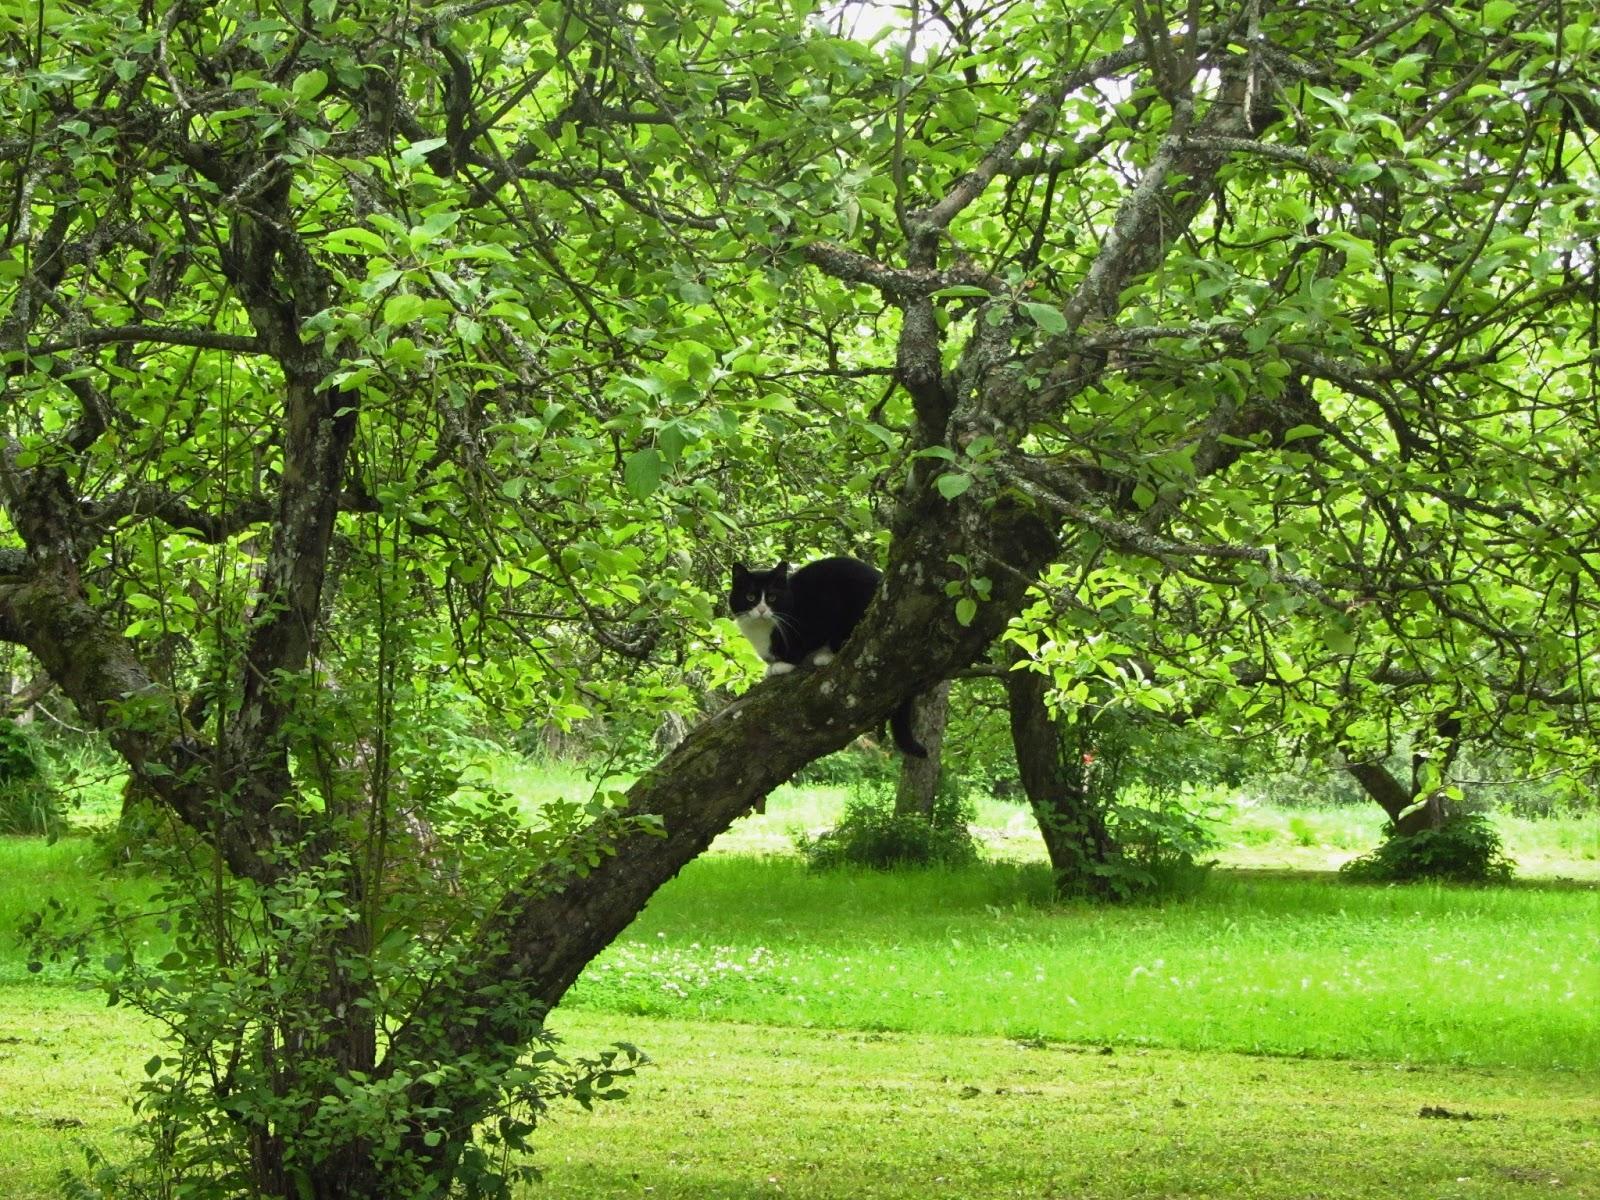 Kissa omenapuussa